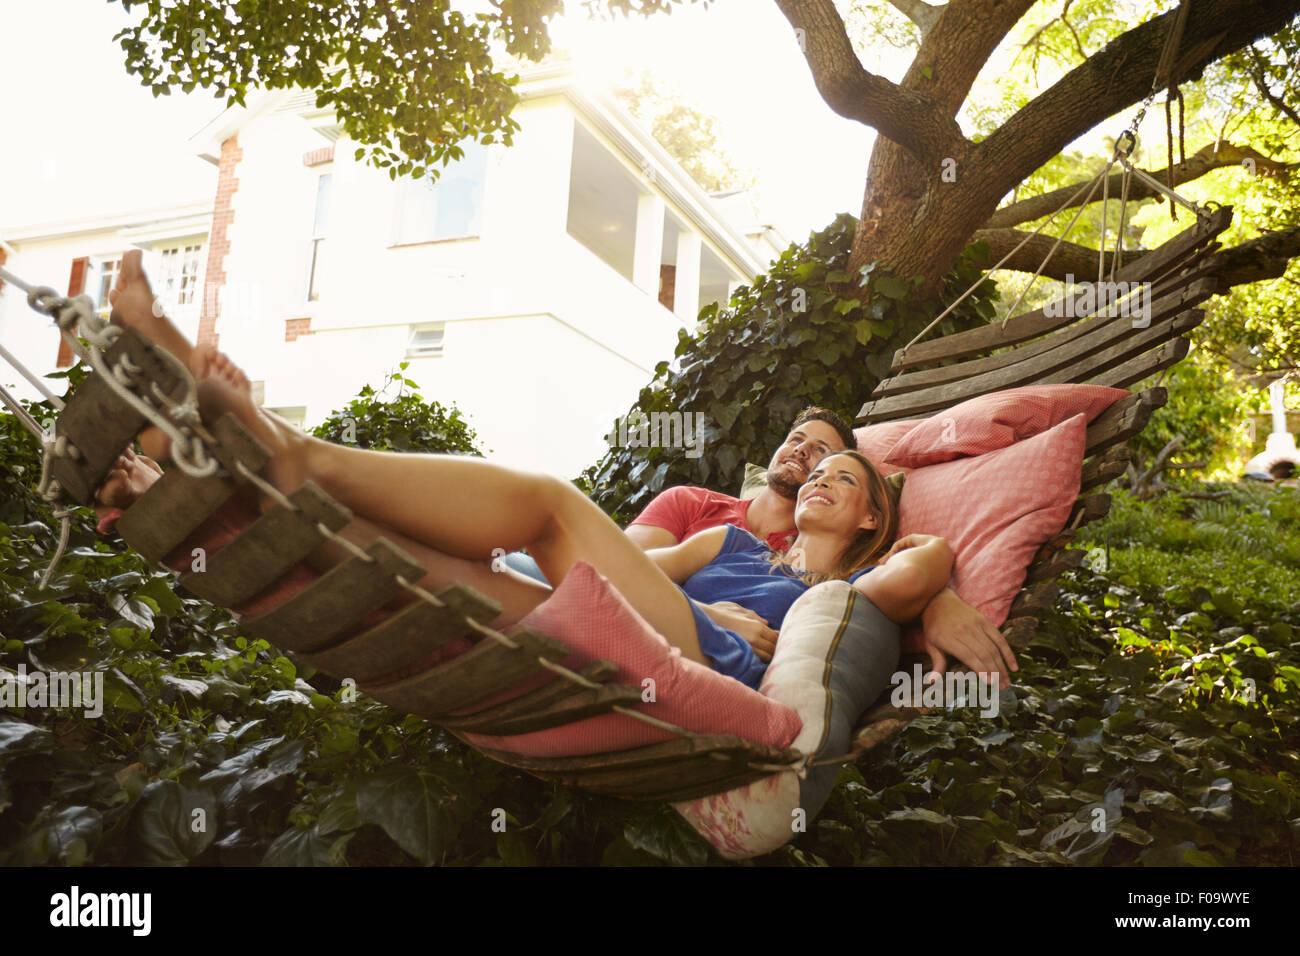 Ritratto di un affettuoso coppia giovane sdraiato su un amaca guardando lontano sorridente. Romantico giovane uomo Immagini Stock